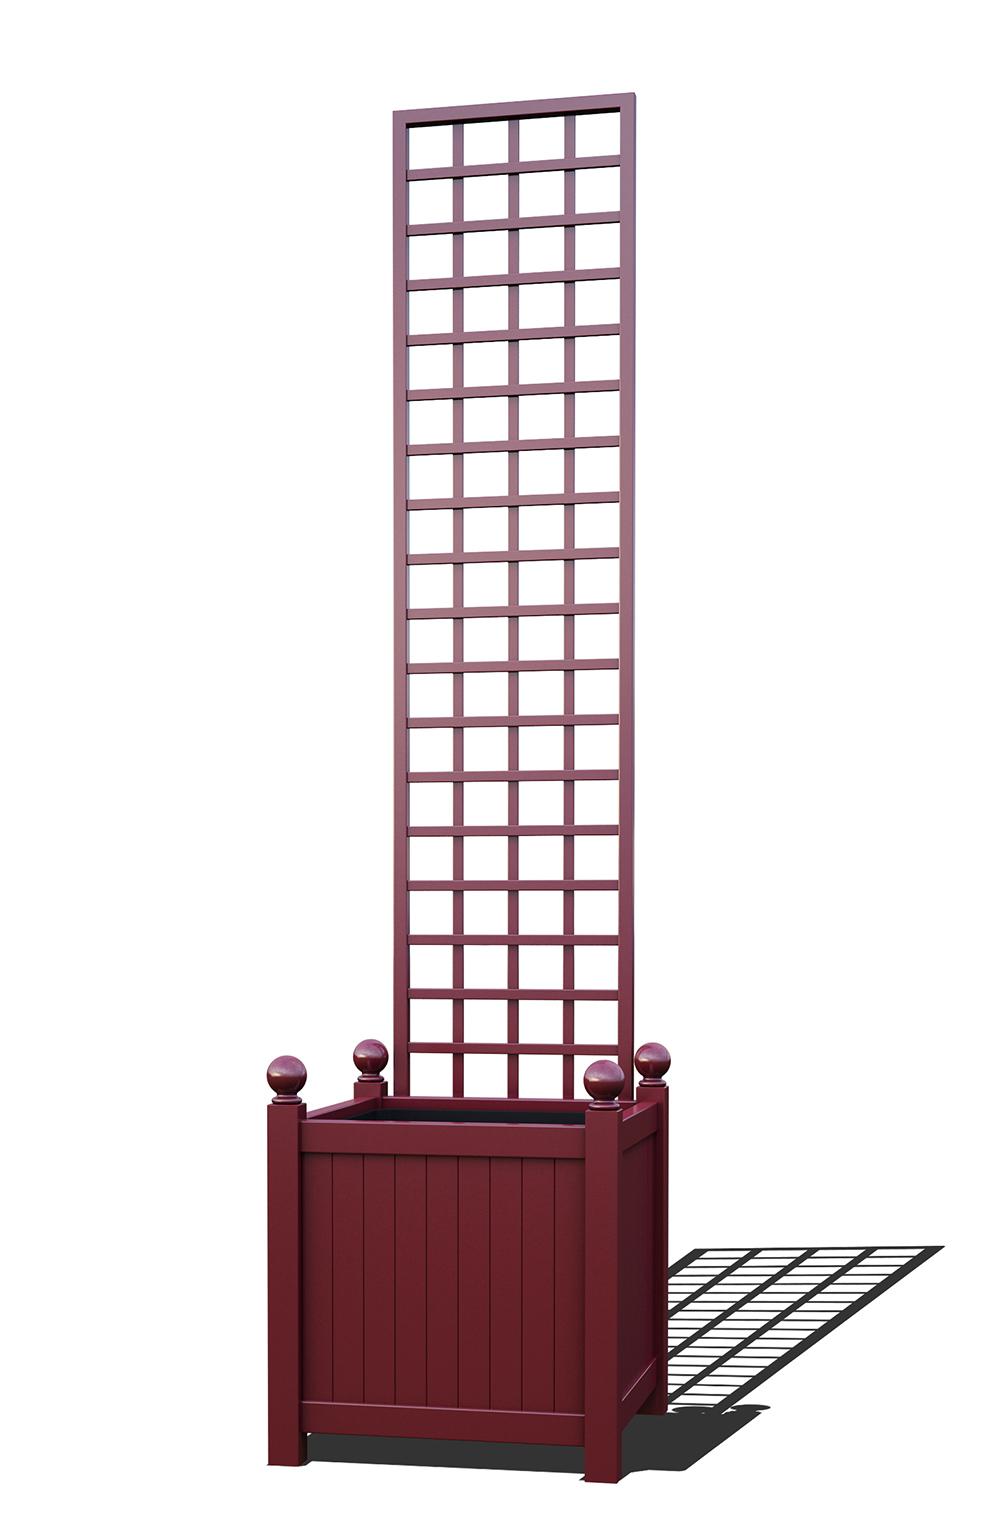 R23-Y-SHD-Versailler Pflanzkübel mit Rankgitter in RAL-3005 wine red